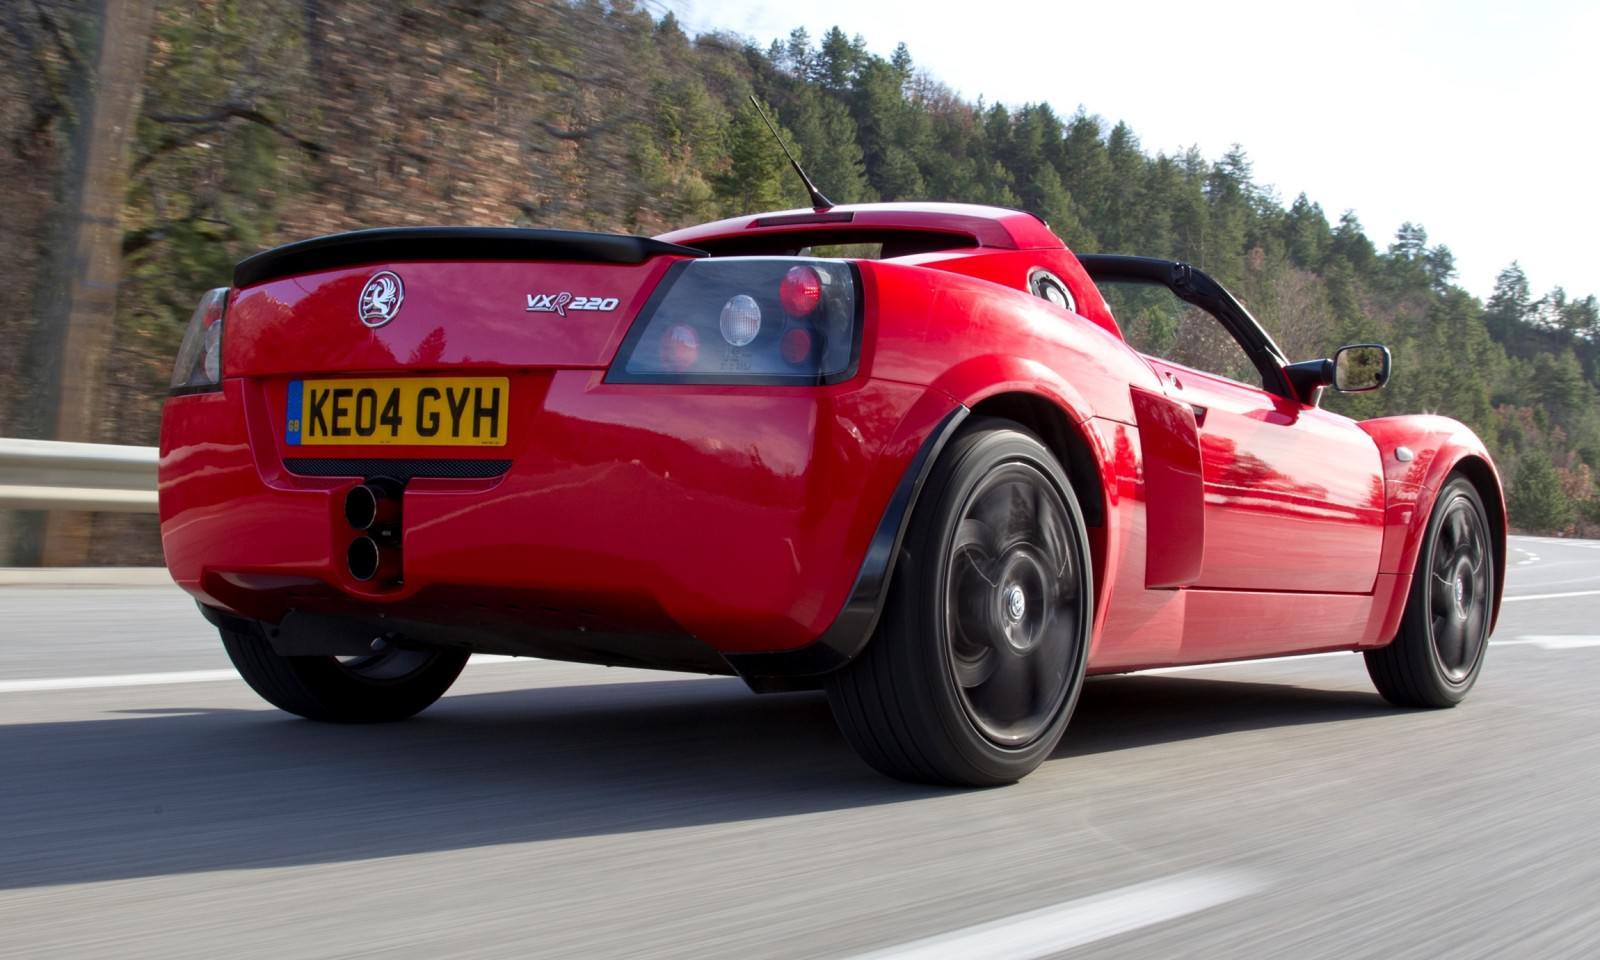 2004 Vauxhall VXR220 13